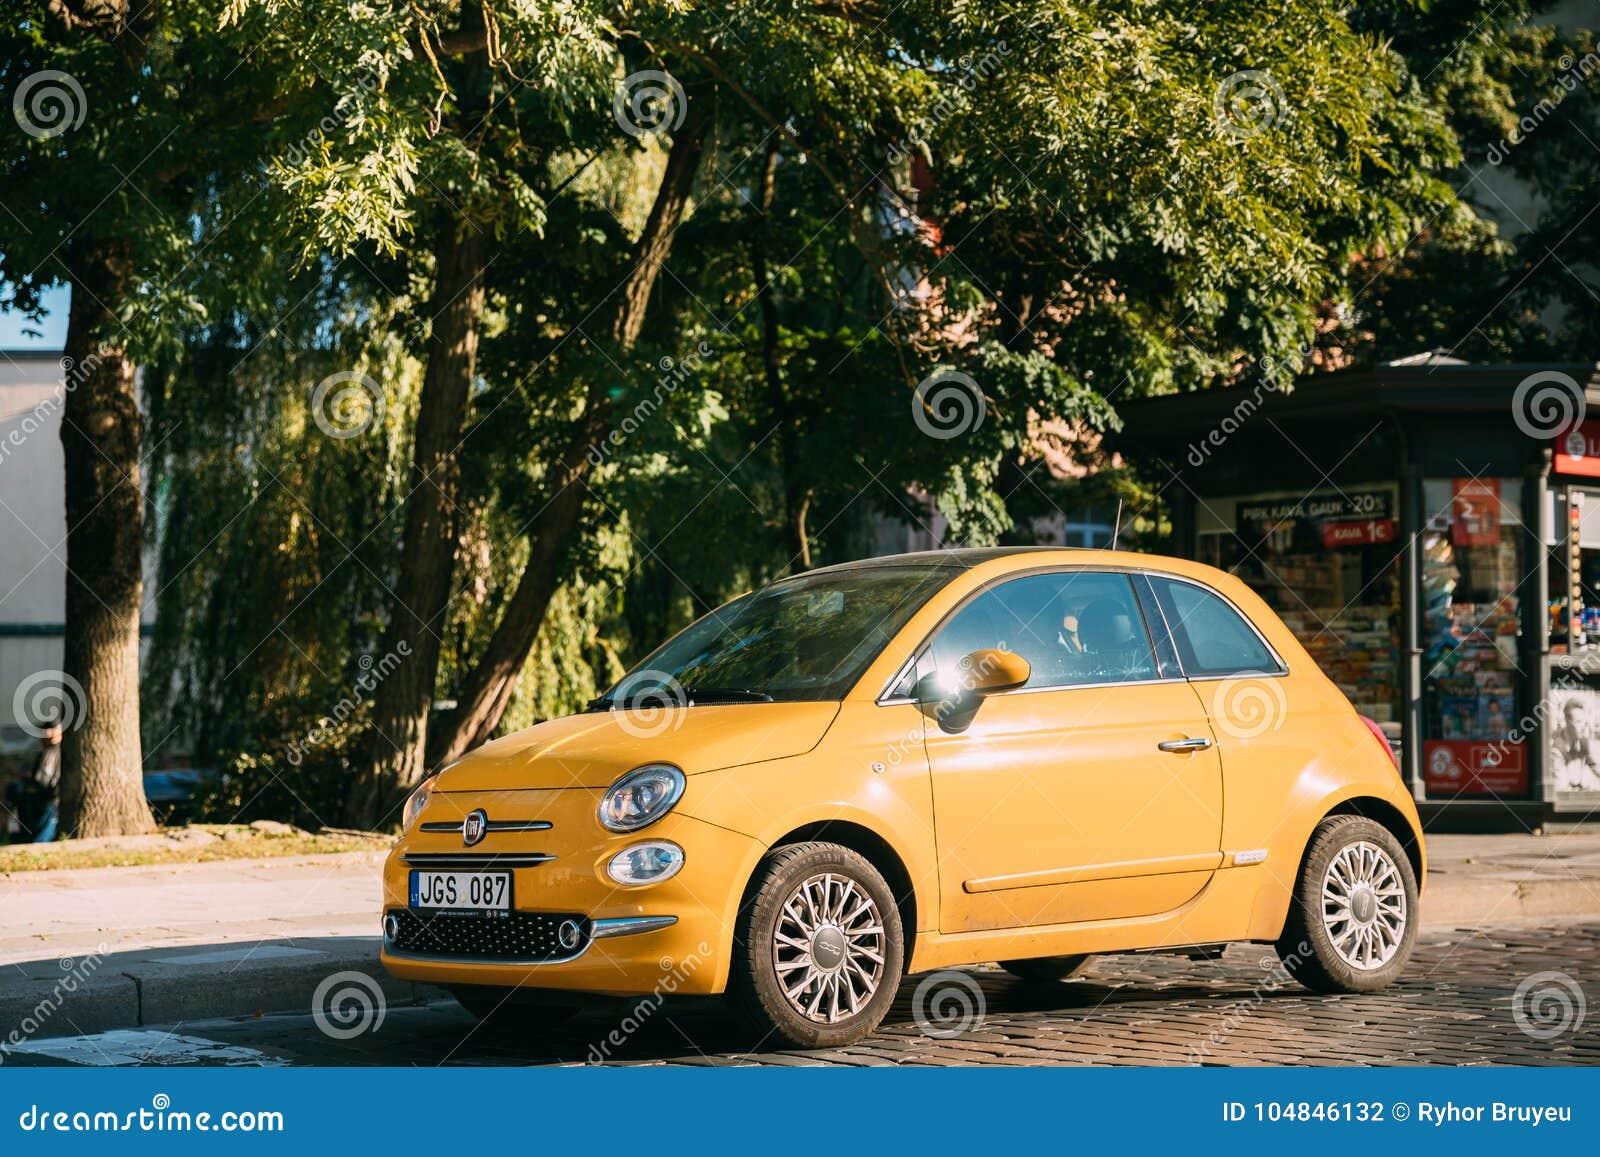 Wybitny Boczny Widok Żółty Koloru Fiat 500 Samochodu Parking Na Ulicie EA25